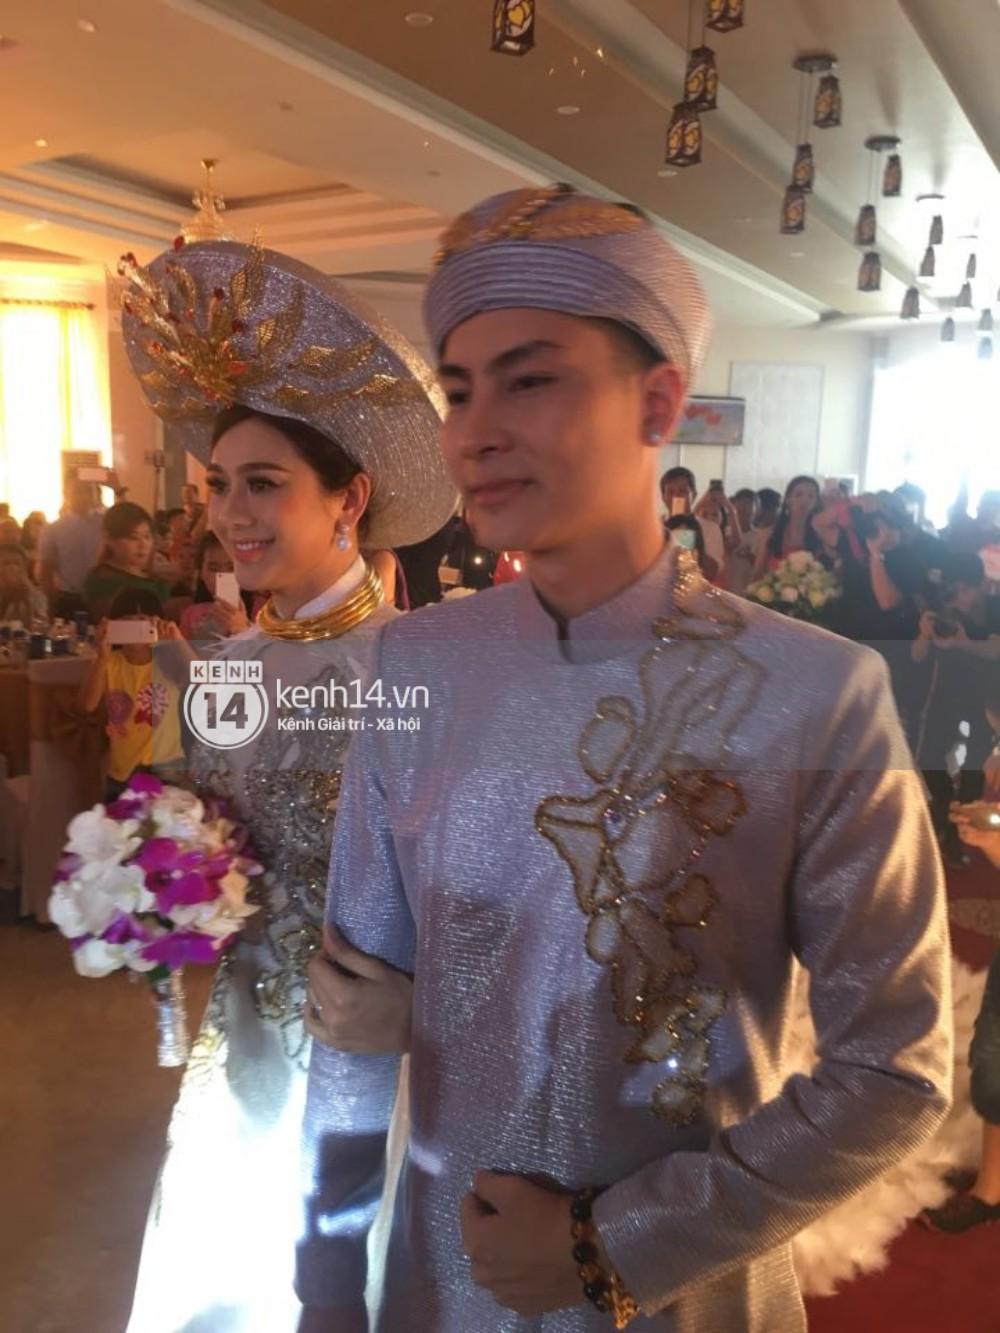 Lâm Khánh Chi hôn đắm đuối chú rể, thay váy đỏ nổi bần bật như công chúa trong lễ cưới - Ảnh 10.